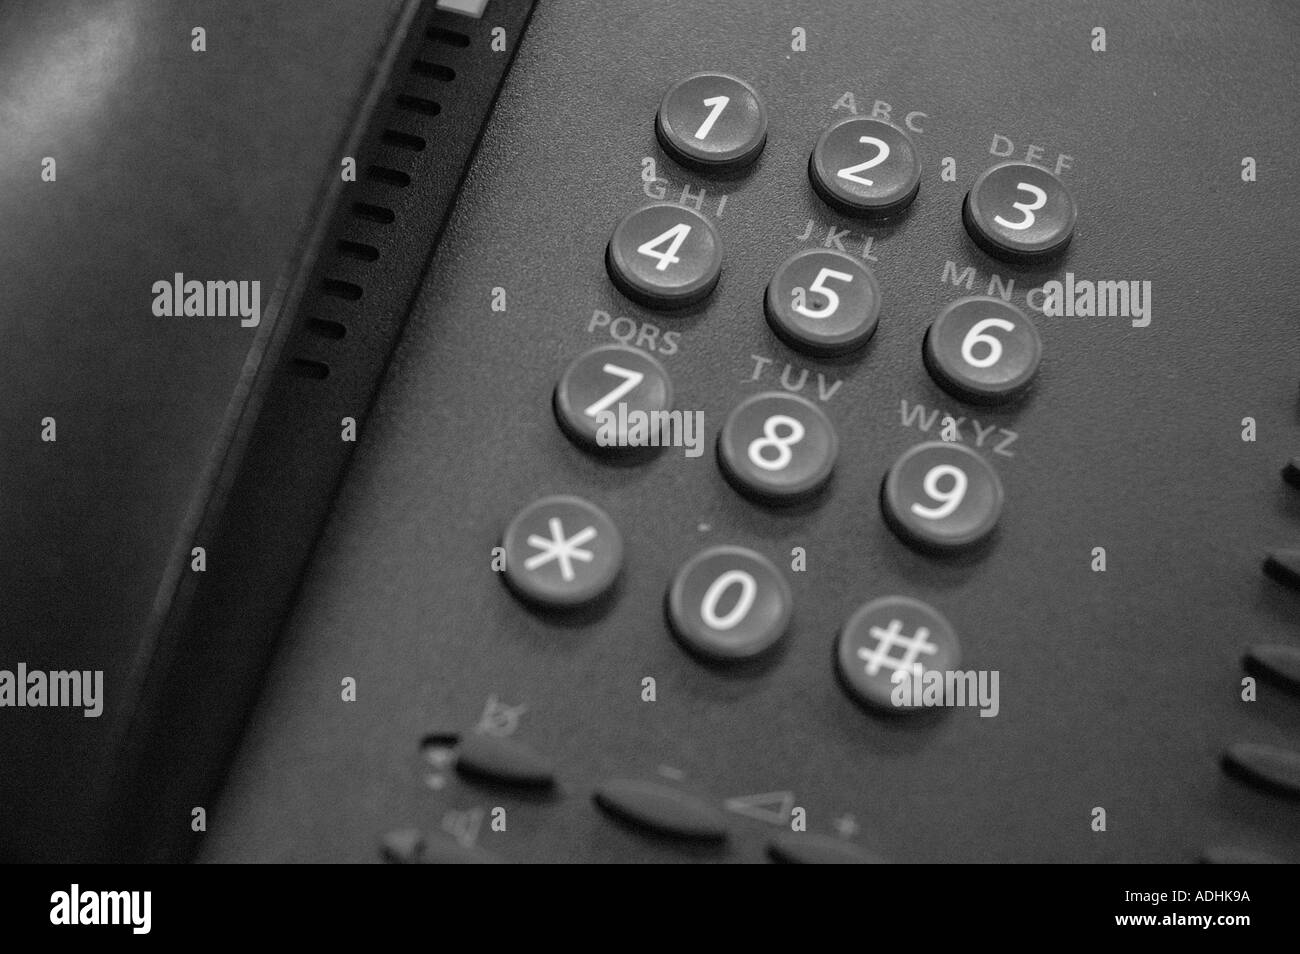 Dial Pad Stock Photos & Dial Pad Stock Images - Alamy